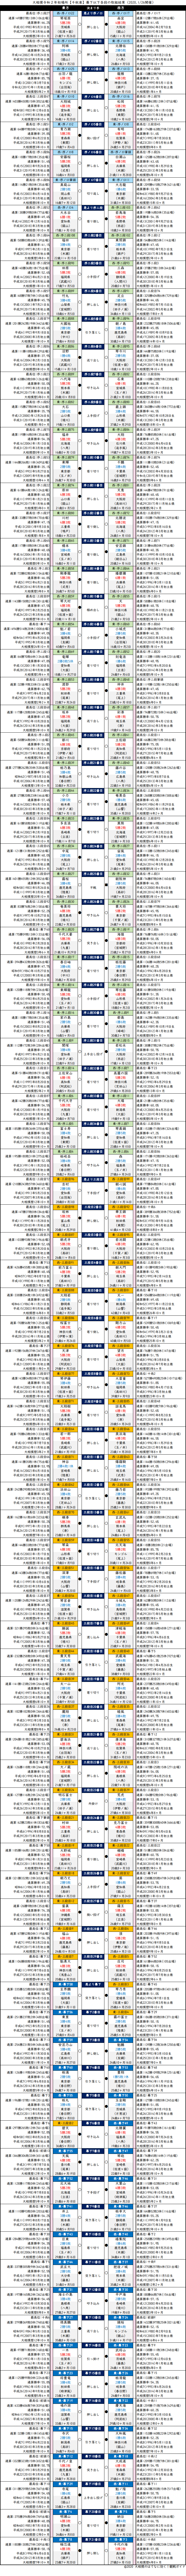 大相撲・2020年1月場所千秋楽・幕下以下の取組結果